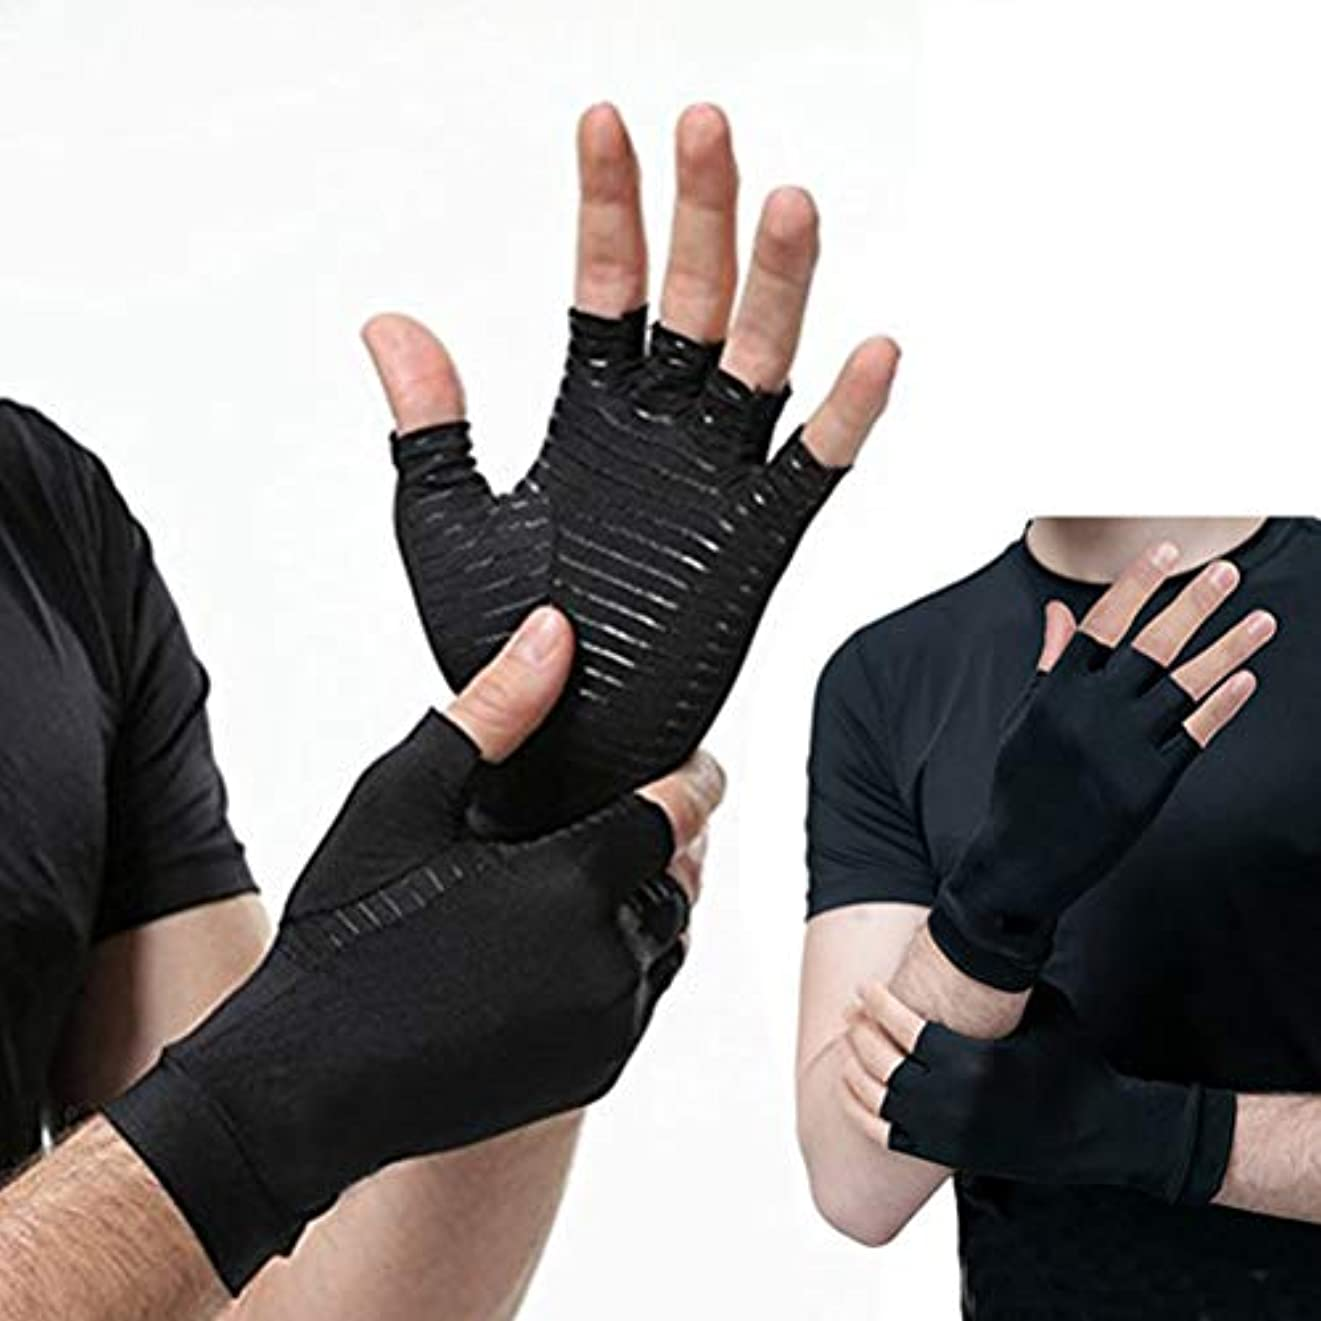 ギャングスターロバ是正するTAIPPAN 1ペア銅関節炎手袋銅圧縮関節炎手袋指なしスポーツ手袋医療用手袋